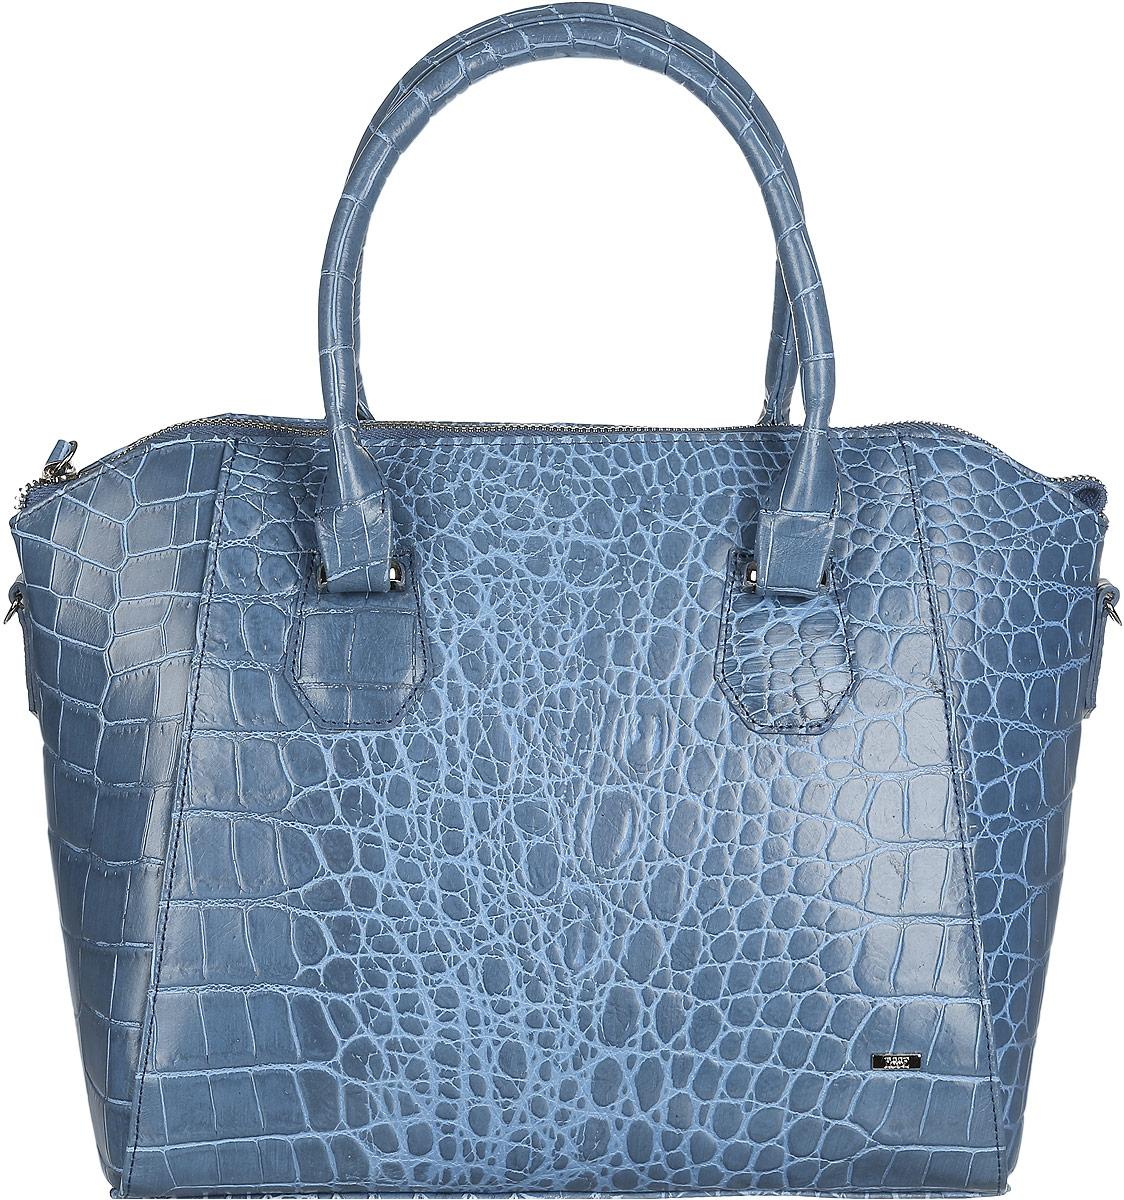 Сумка женская Esse Пэрис Elite, цвет: синий. GPAR5U-00ML09-FG108S-K100GPAR5U-00ML09-FG108S-K100Стильная женская сумка Esse Пэрис Elite изготовлена из натуральной кожи, оформлена тиснением под крокодила и металлическим значком логотипа бренда. Модель создана для женщин, ценящих оригинальный дизайн в сочетании с функциональностью и комфортом. Сумка состоит из одного отделения и закрывается на металлическую застежку-молнию. Отделение разделено карманом-средником на молнии. Внутри нашивной карман для телефона и мелочей, врезной карман на молнии. На задней стенке расположен врезной карман на молнии. Сумка оснащена удобными ручками для переноски в руке или на запястье, а также съемным плечевым ремнем, регулируемой длины. Дно сумки дополнено металлическими ножками, которые защищают изделие от повреждений. Прилагается текстильный фирменный чехол для хранения. Оригинальный аксессуар позволит вам завершить образ и быть неотразимой.